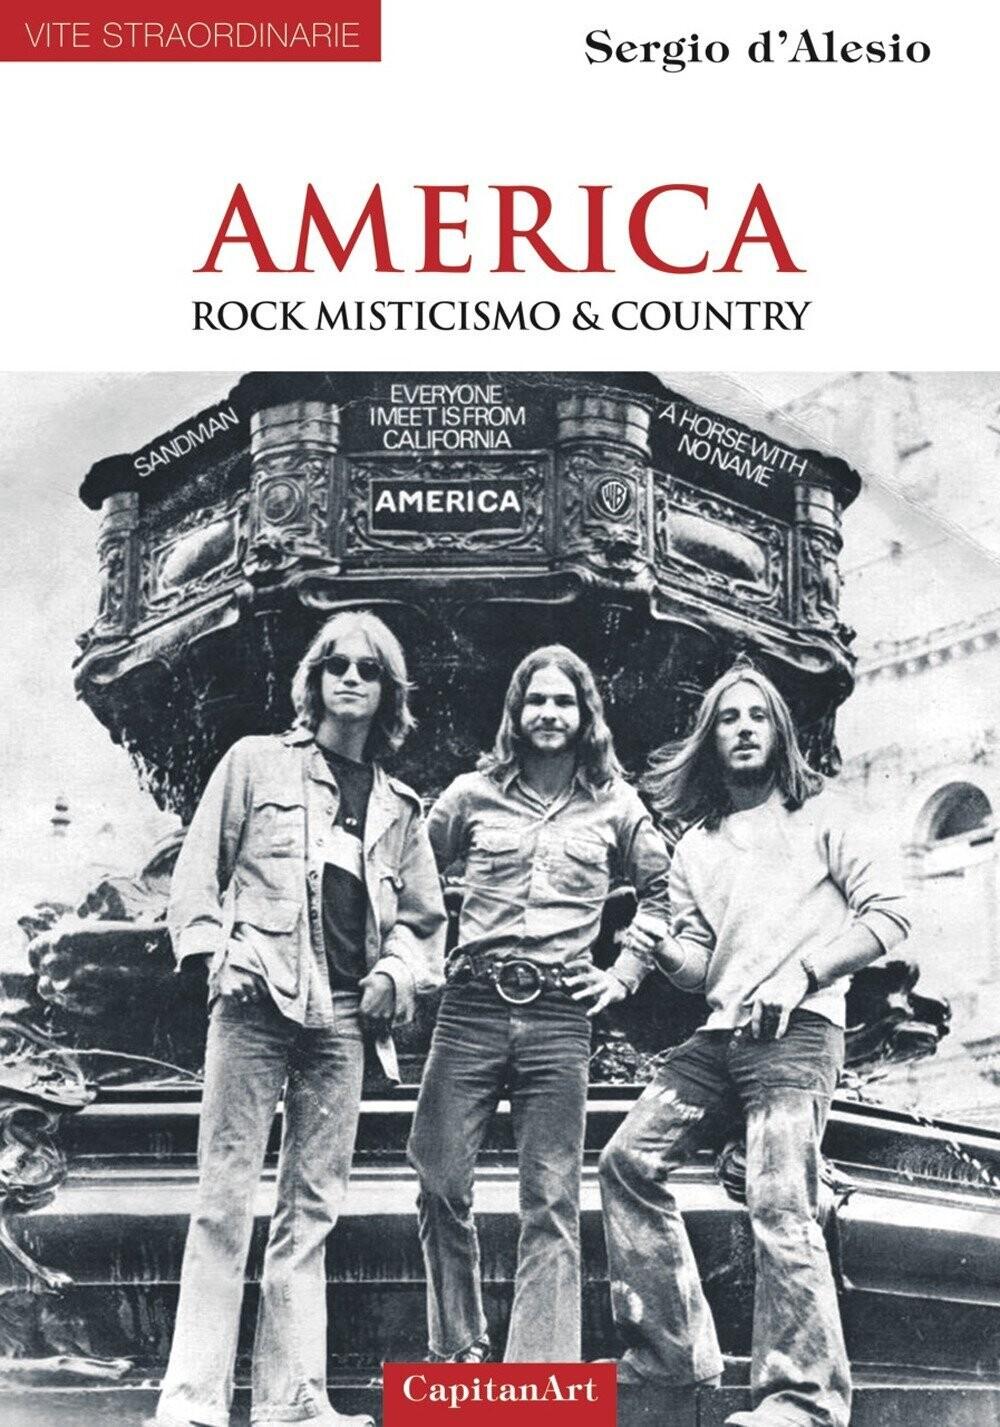 AMERICA - ROCK MISTICISMO E COUNTRY - Libro